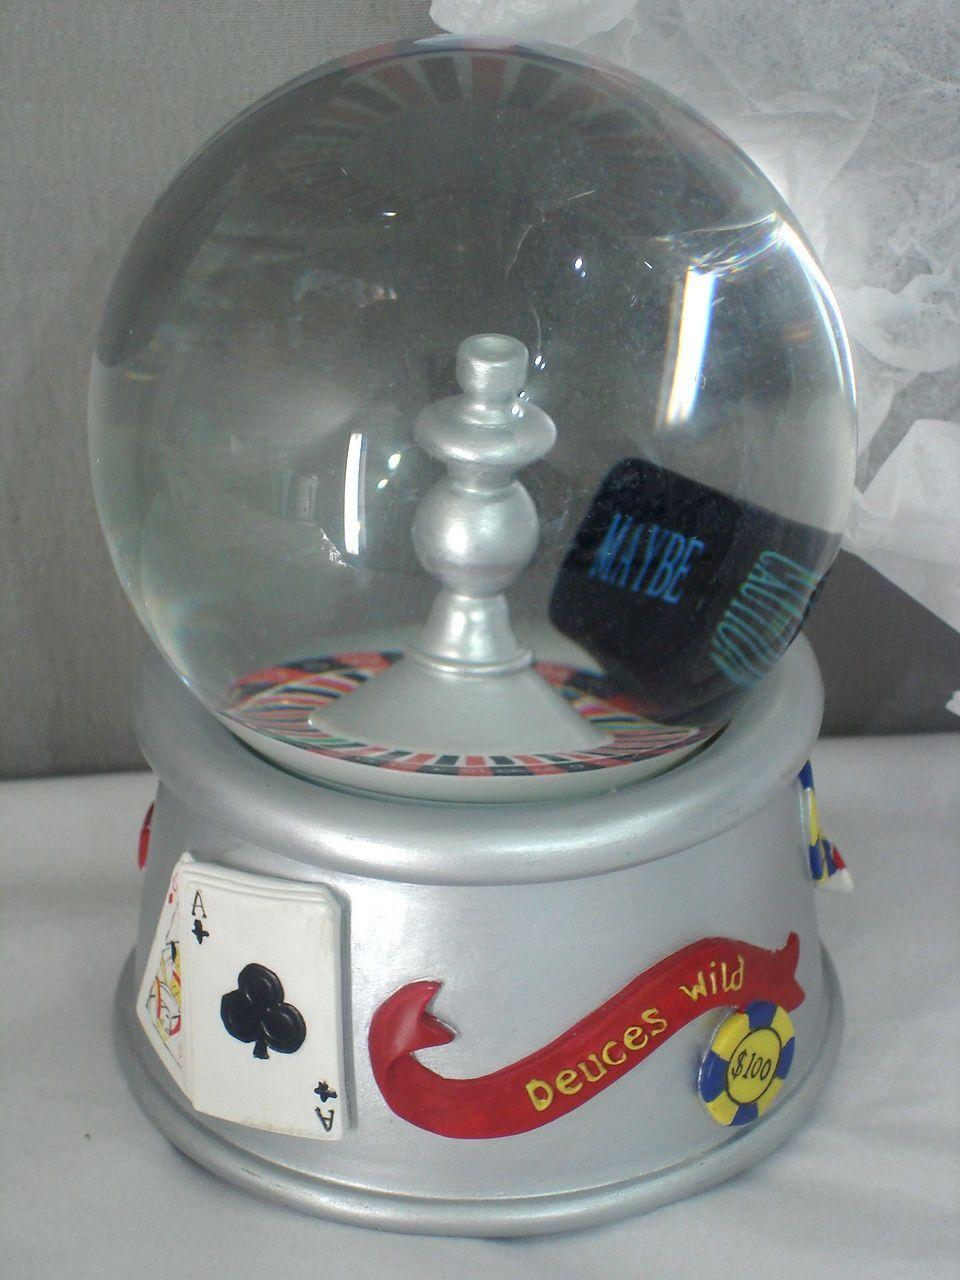 Lucky news network spelautomat